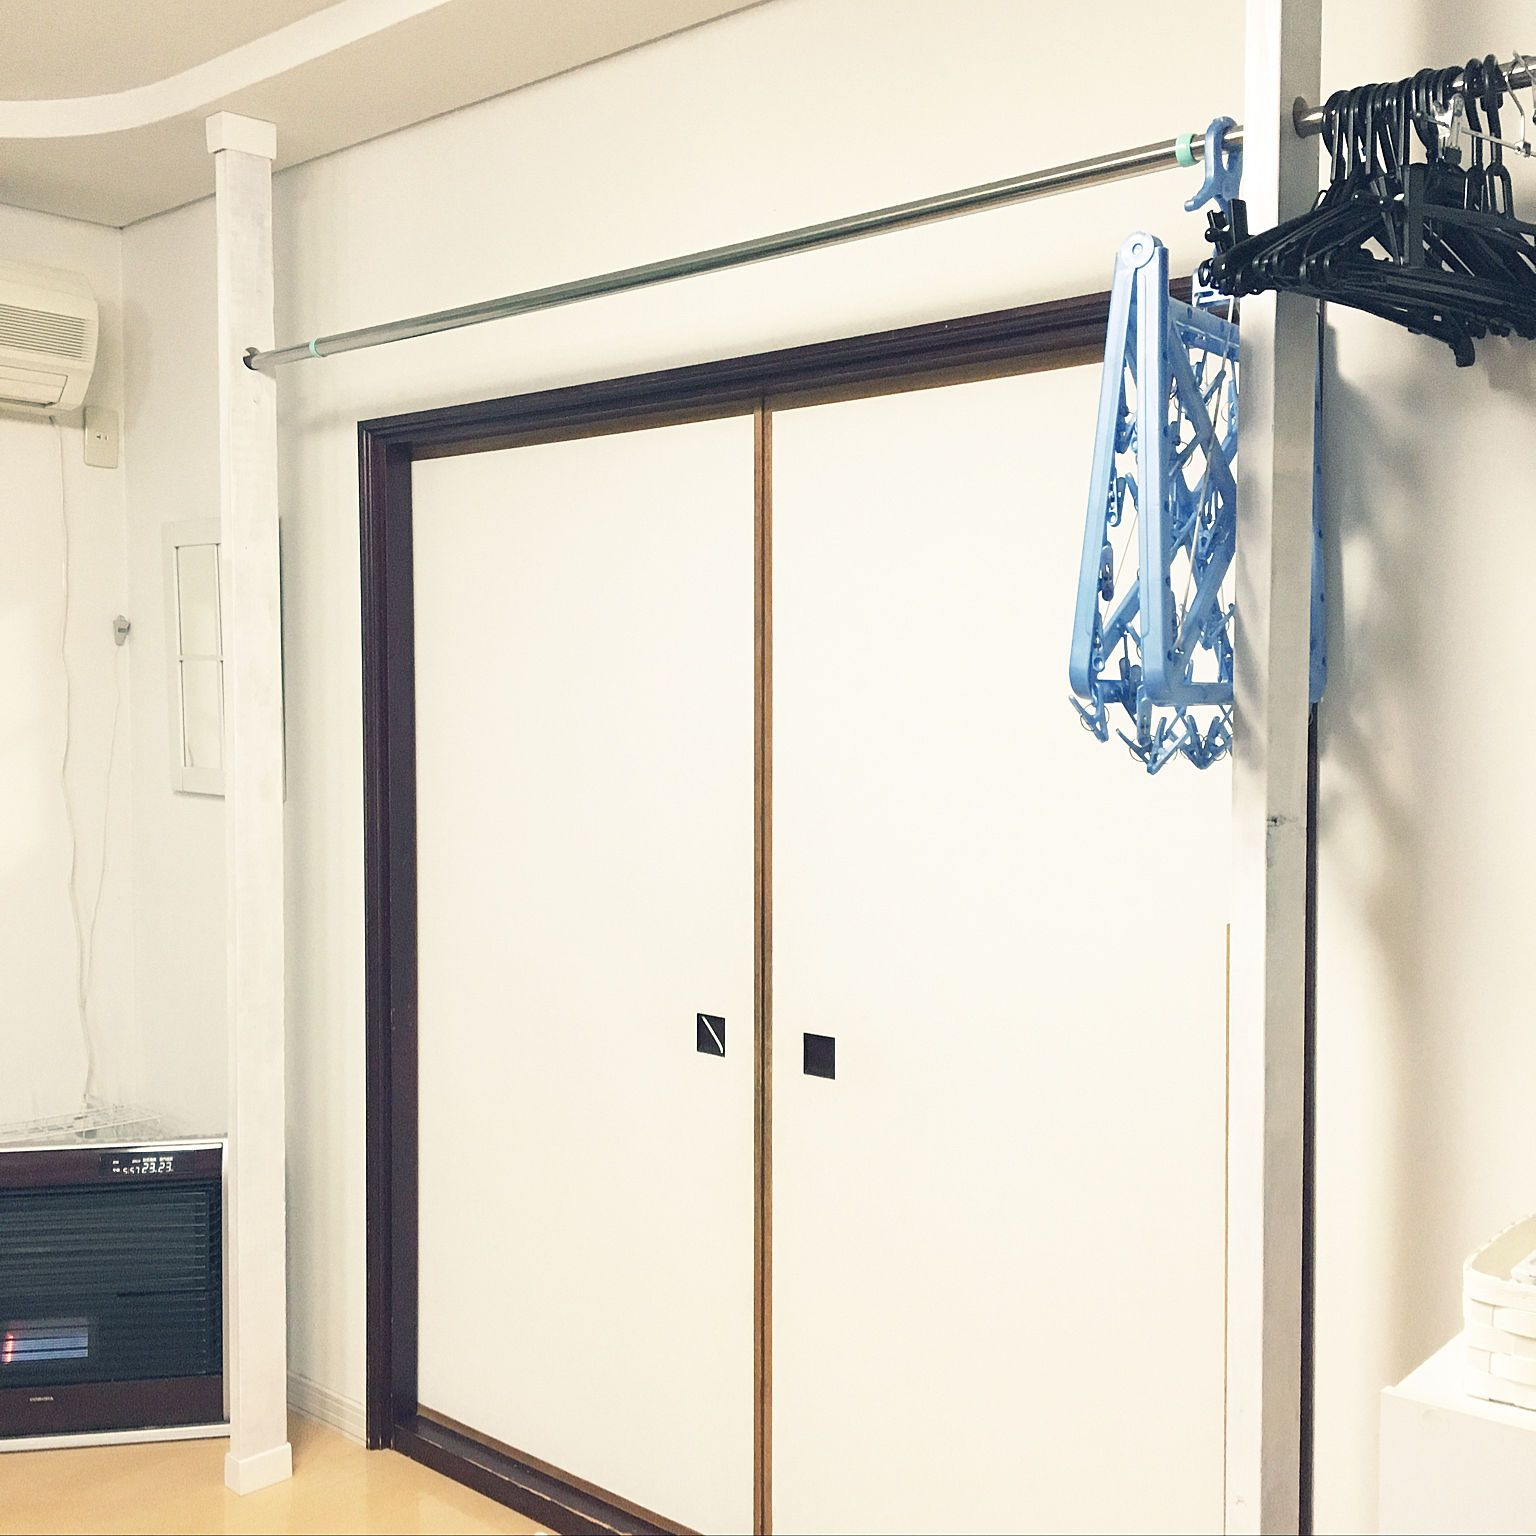 壁 天井 2 4 室内干しスペース ディアウォール 洗濯物干し などの